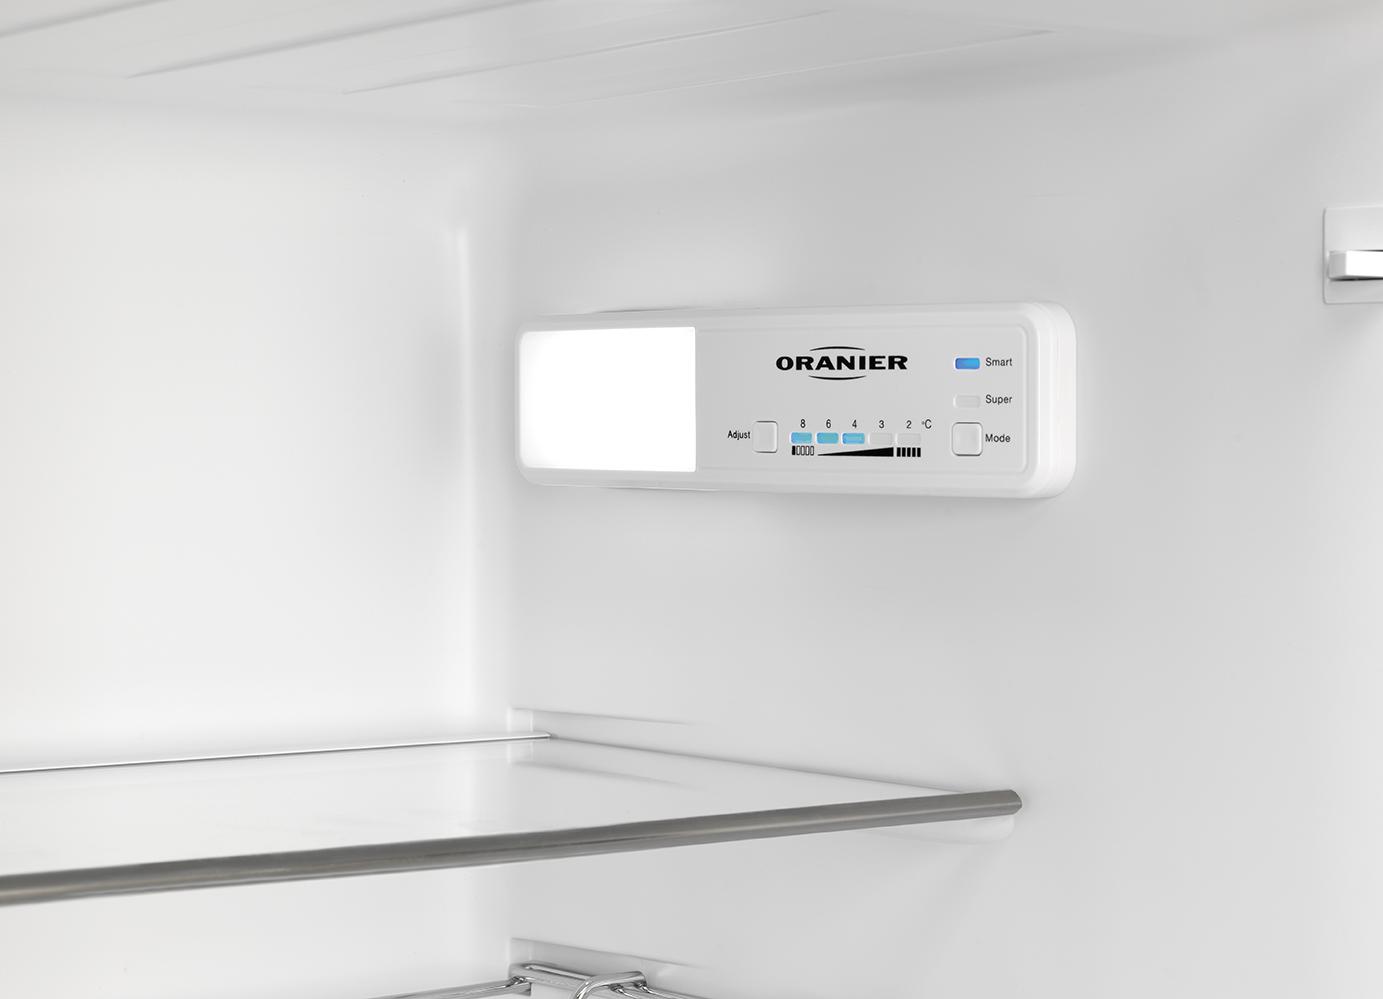 Kühlschrank Alarm : Kühlschrank mit gefrierfach eks oranier